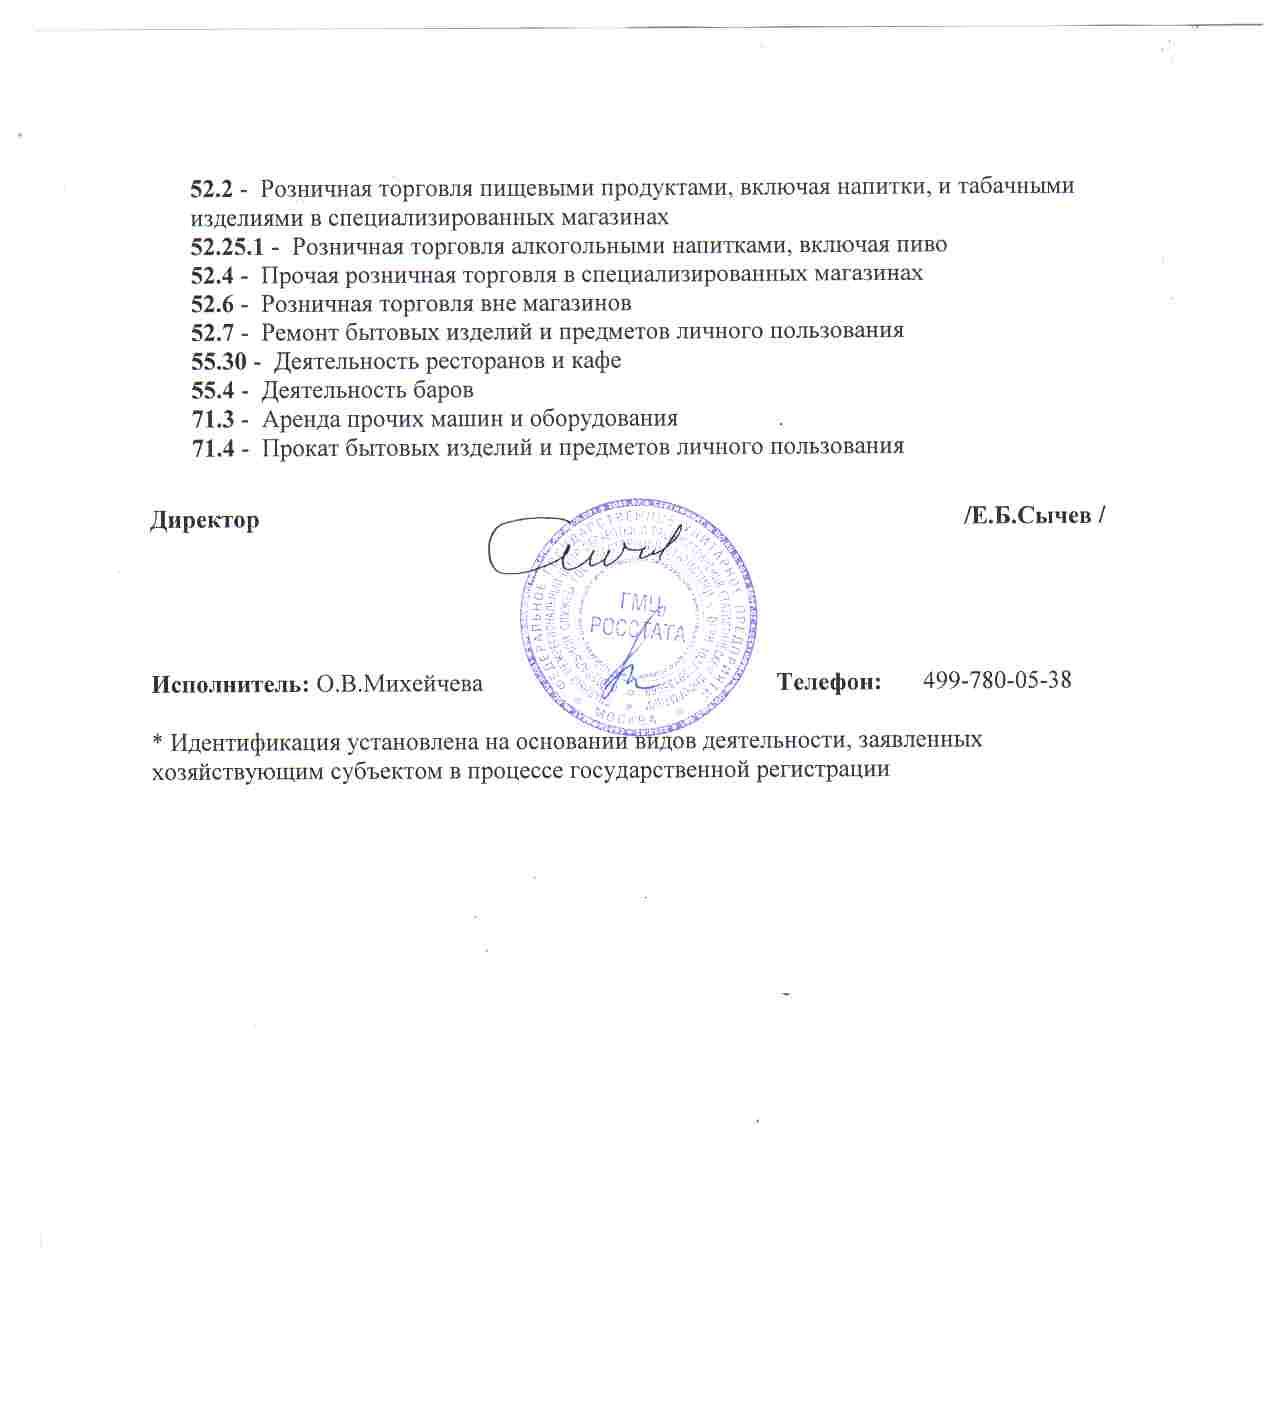 Получения кодов статистики ОКВЭД и письма ГМЦ Росстата.